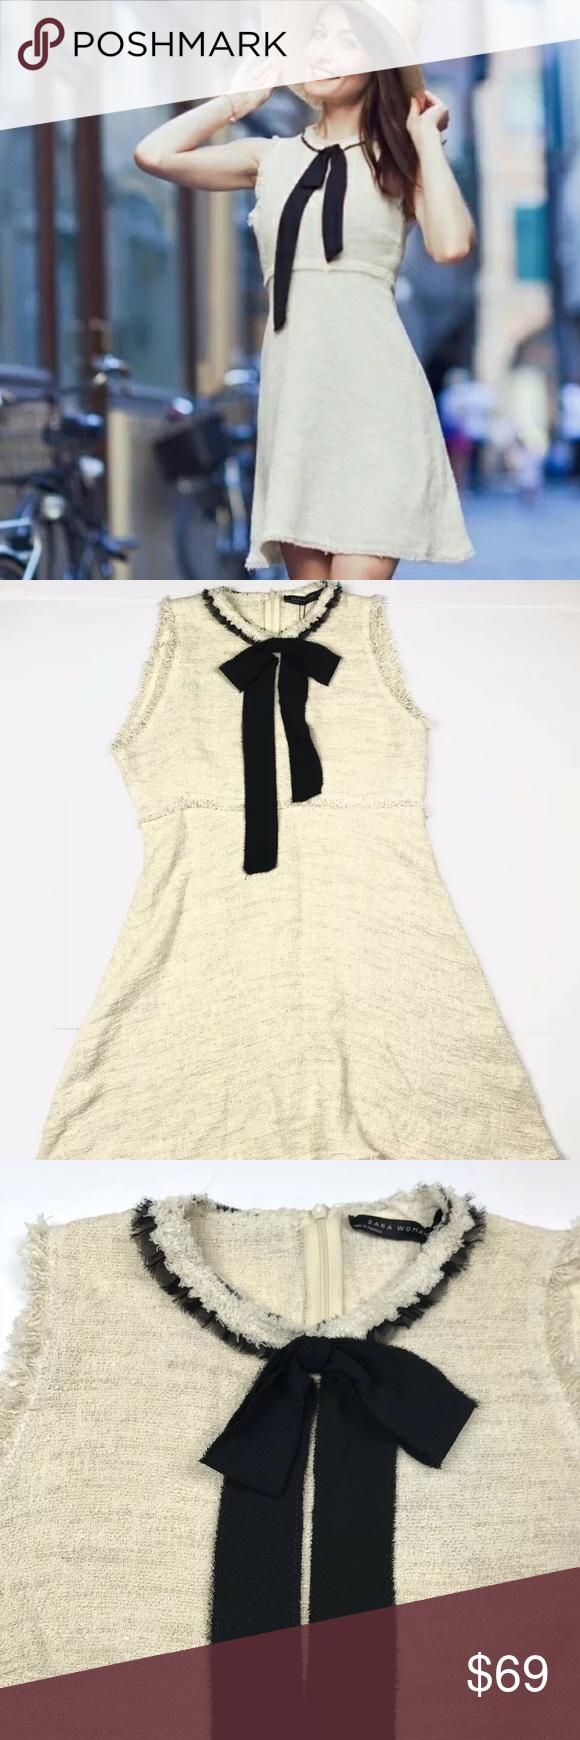 532f7203 Zara Tweed Mini Dress With Black Bow Tie large NWT Zara Womens Beige/Cream Tweed  Mini Dress With Black Bow Tie.Large. Zara Dresses